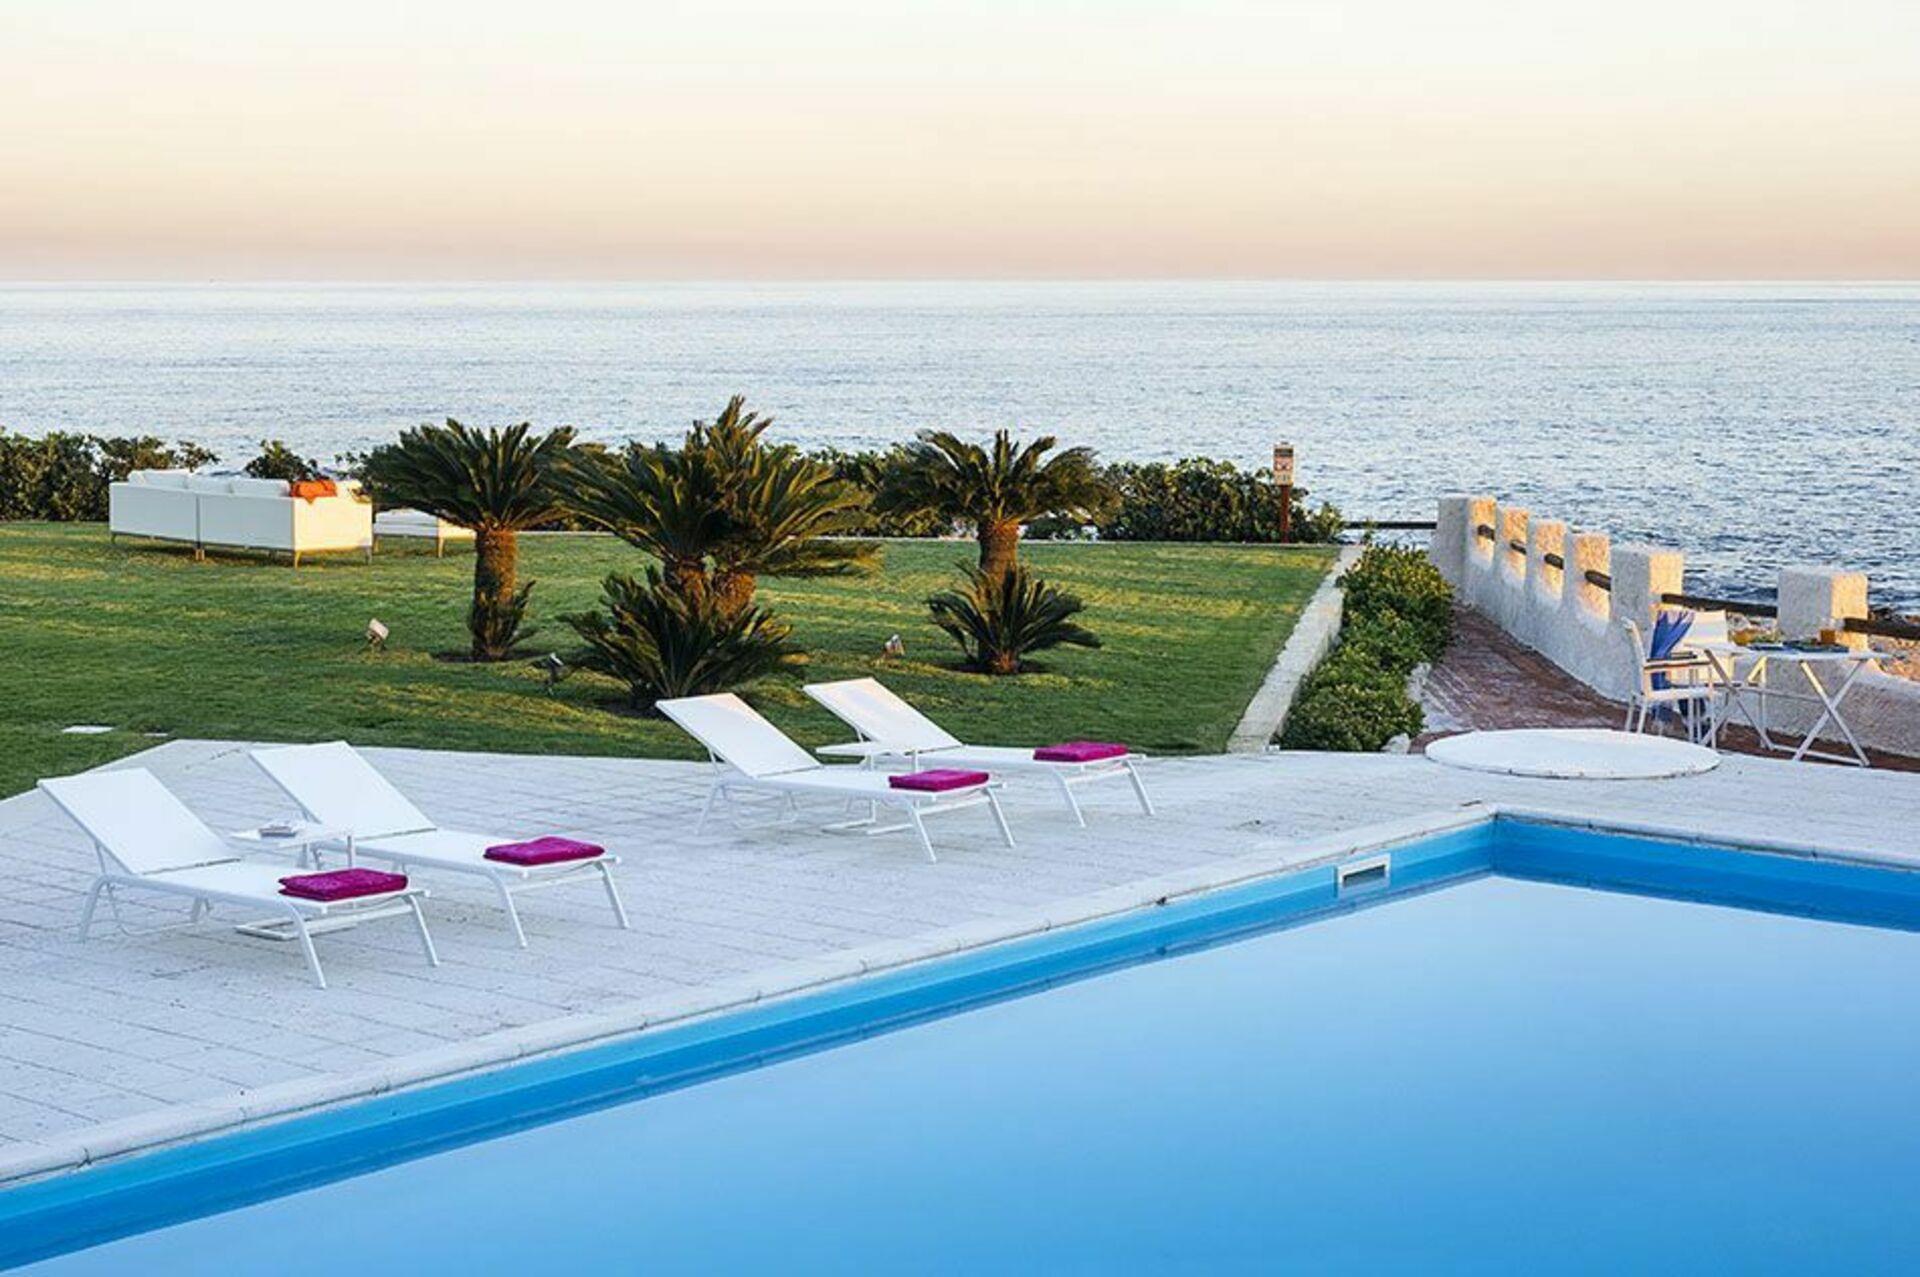 Blu moon villa vacanze di lusso sul mare in affitto a fontane bianche sicilia casa vacanze - Affitto casa vacanze sicilia con piscina ...